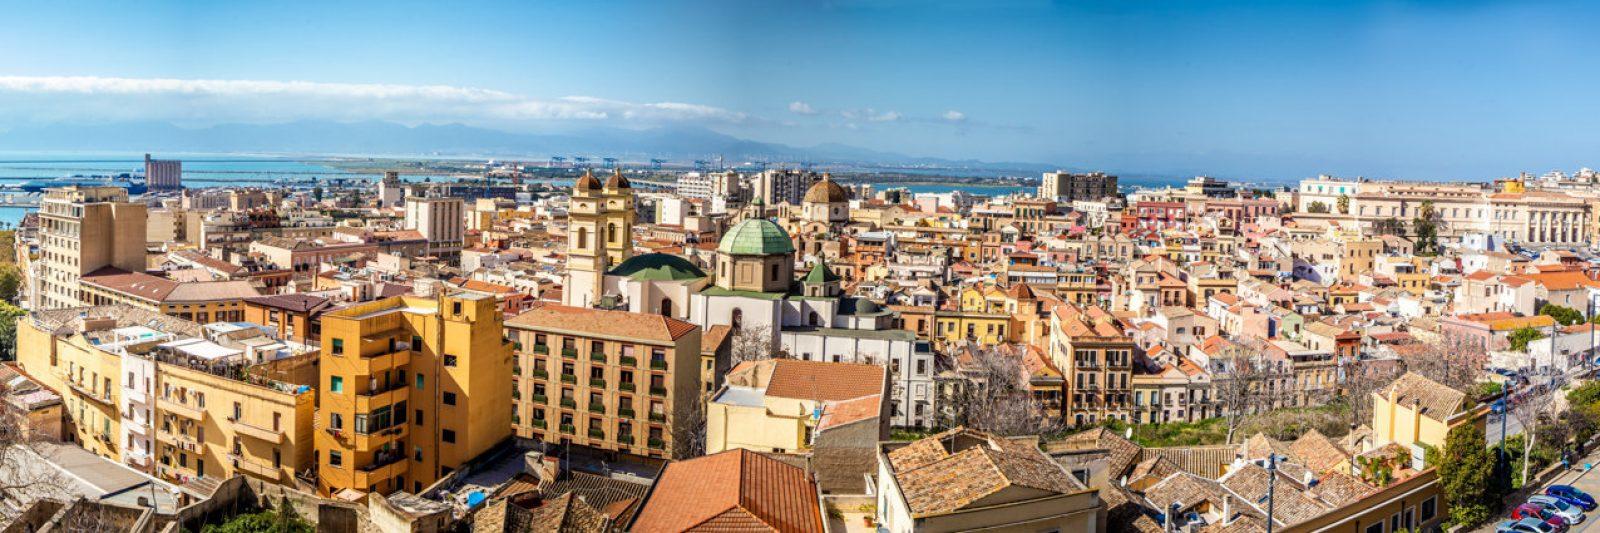 bnb-A-View-on-Cagliari-Scopri-Cagliari-tour